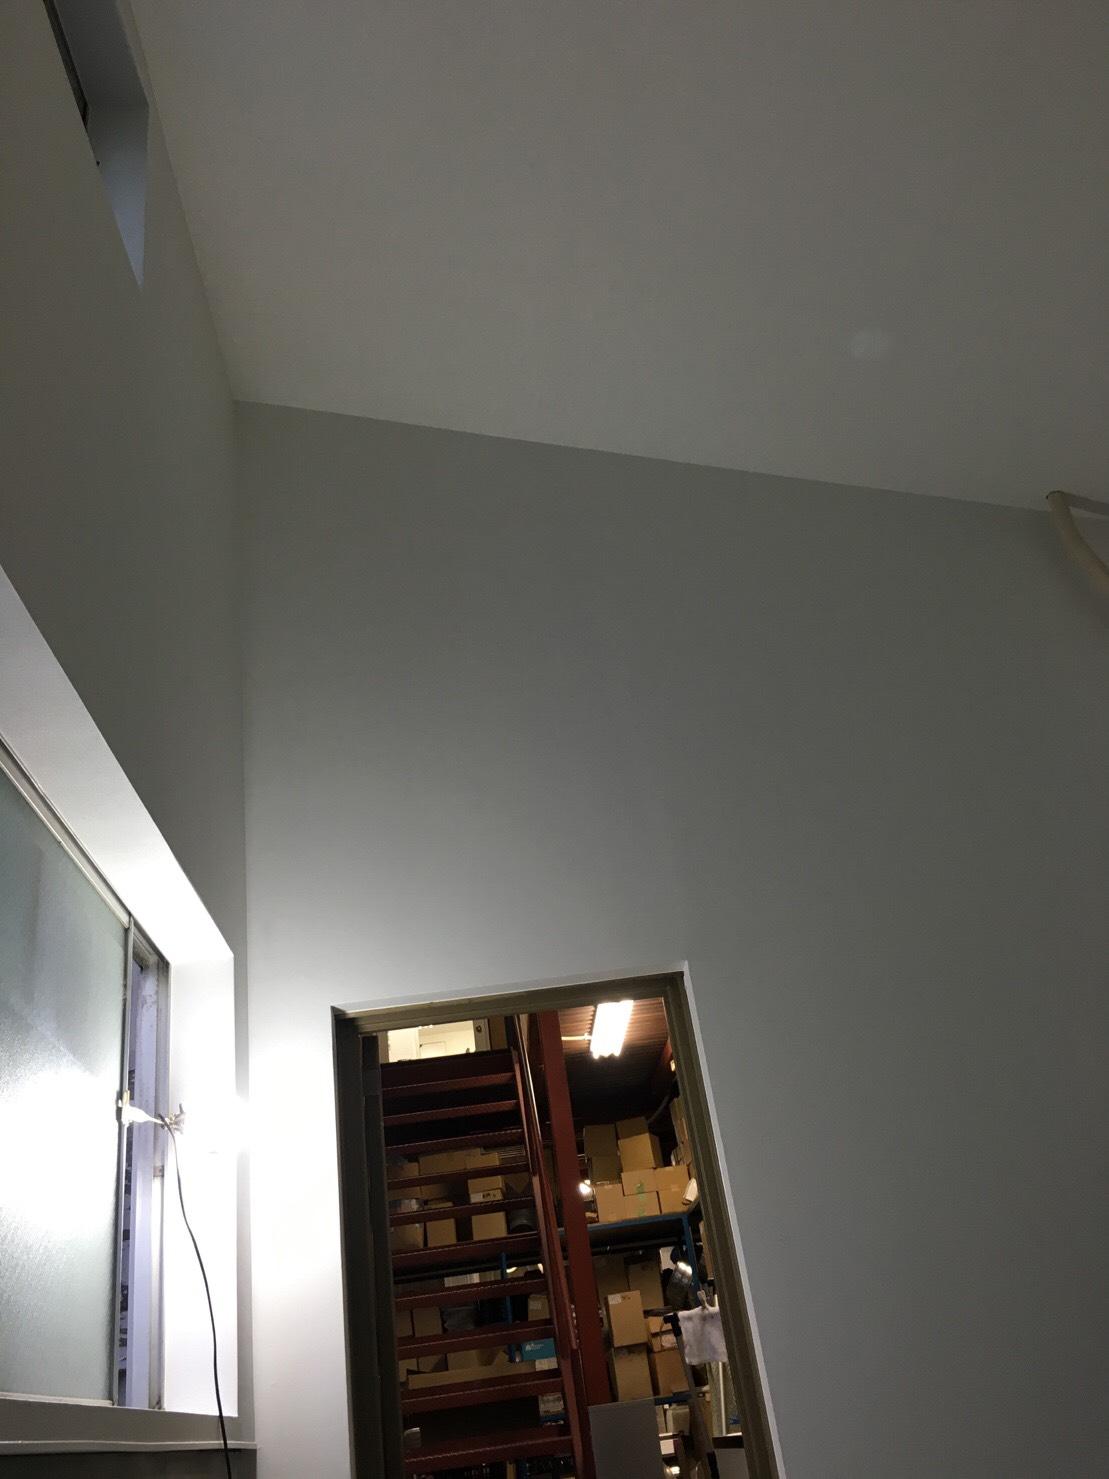 愛知県名古屋市の建築一般工事 リフォーム工事の株式会社松昇の守山区事務所改装工事(パテ、クロス工事)